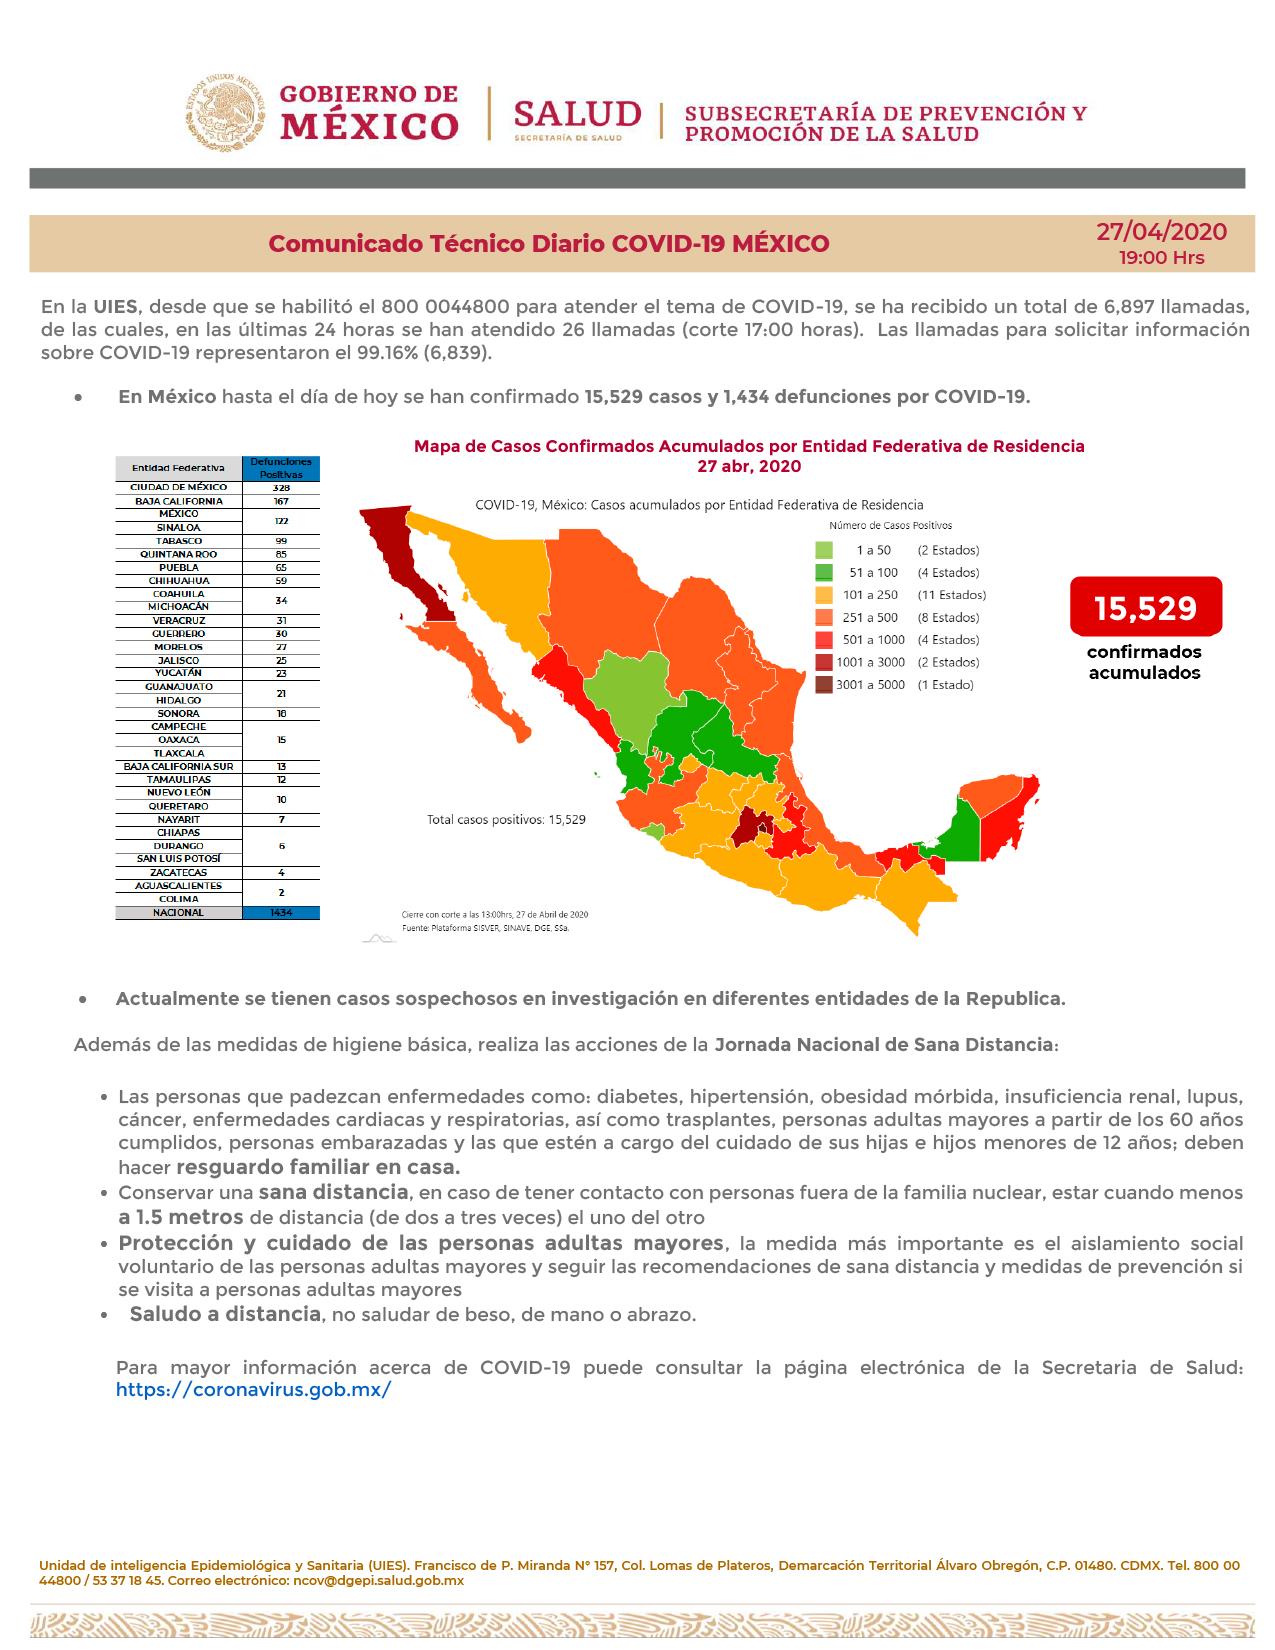 /cms/uploads/image/file/579179/Comunicado_Tecnico_Diario_COVID-19_2020.04.27-2.jpg